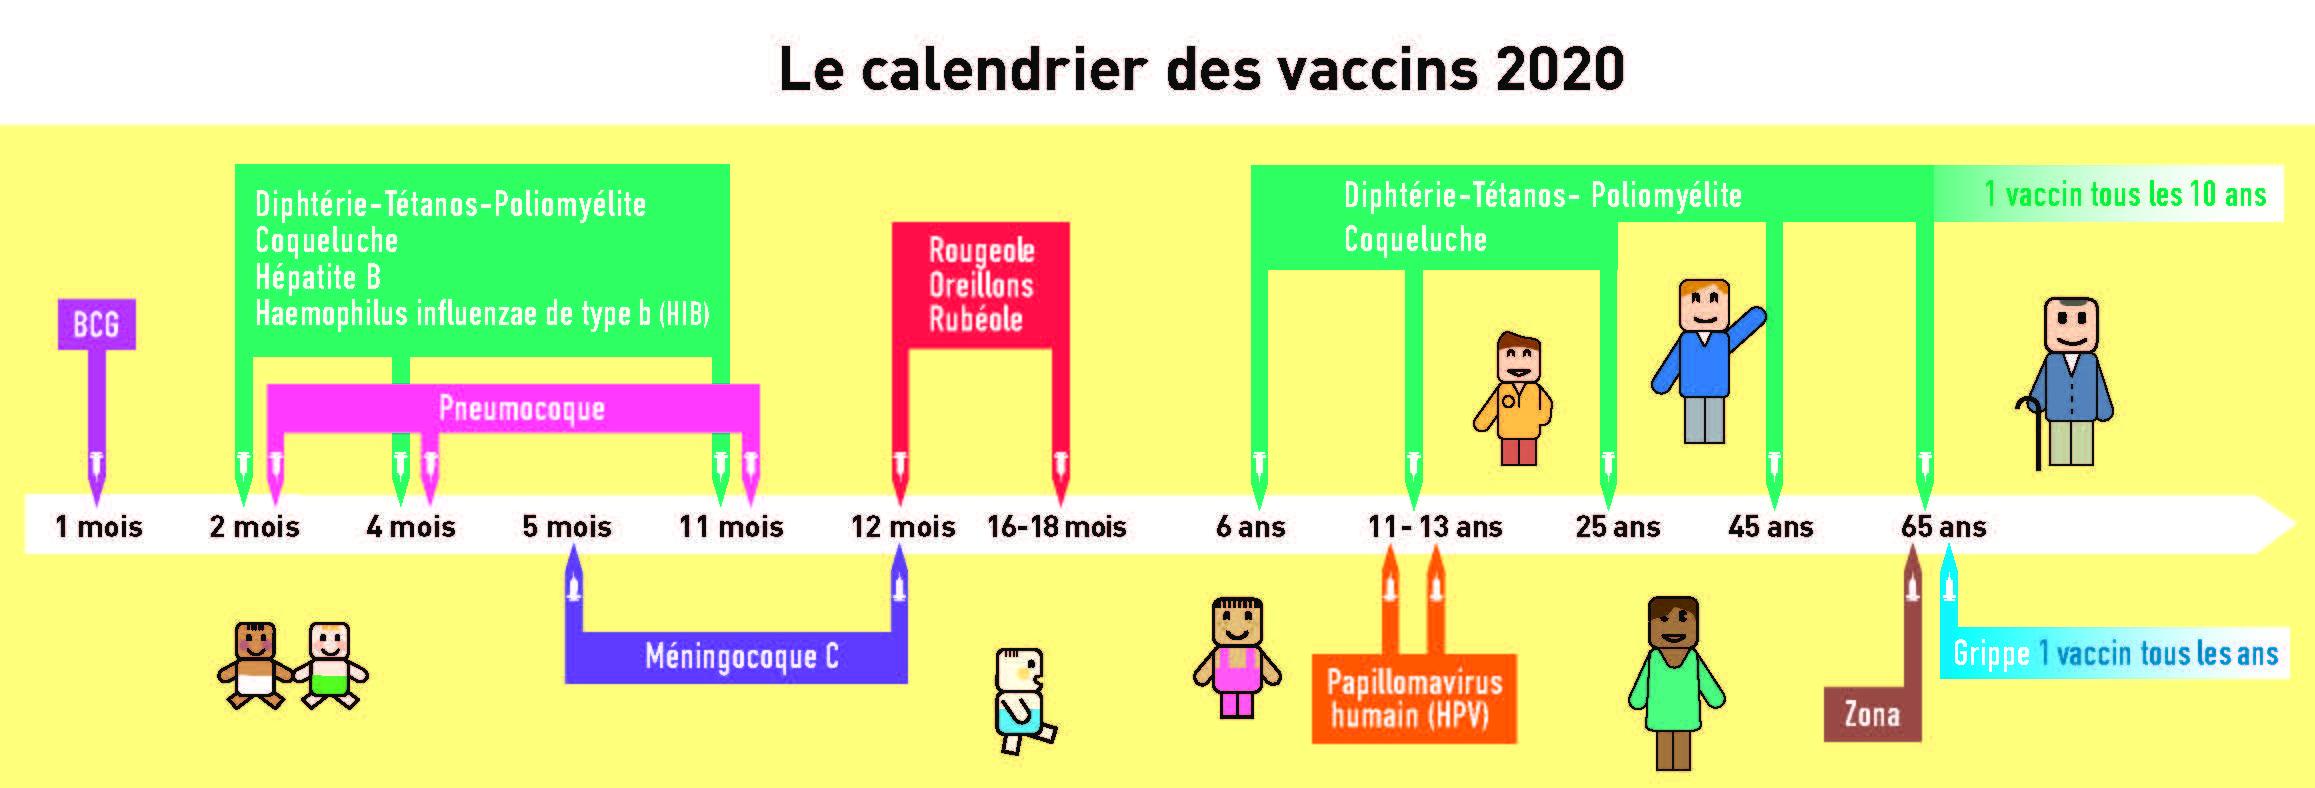 Calendrier 2020 Vaccins à tous les âges